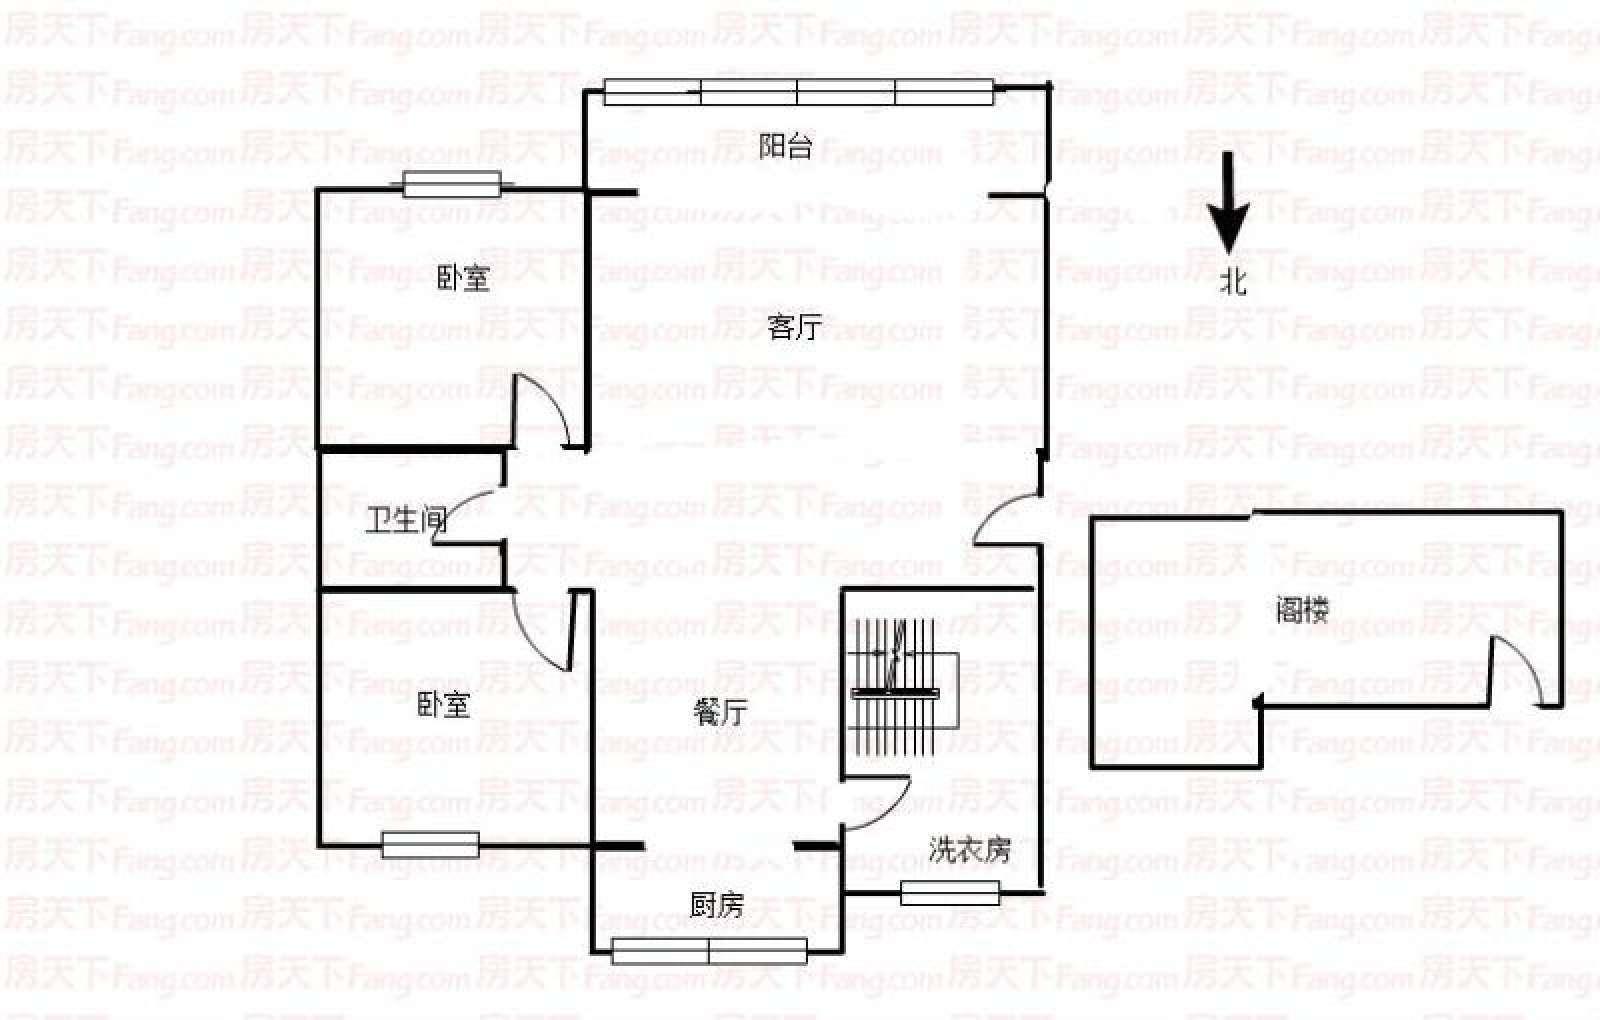 阳光锦城 3室2厅86.32㎡